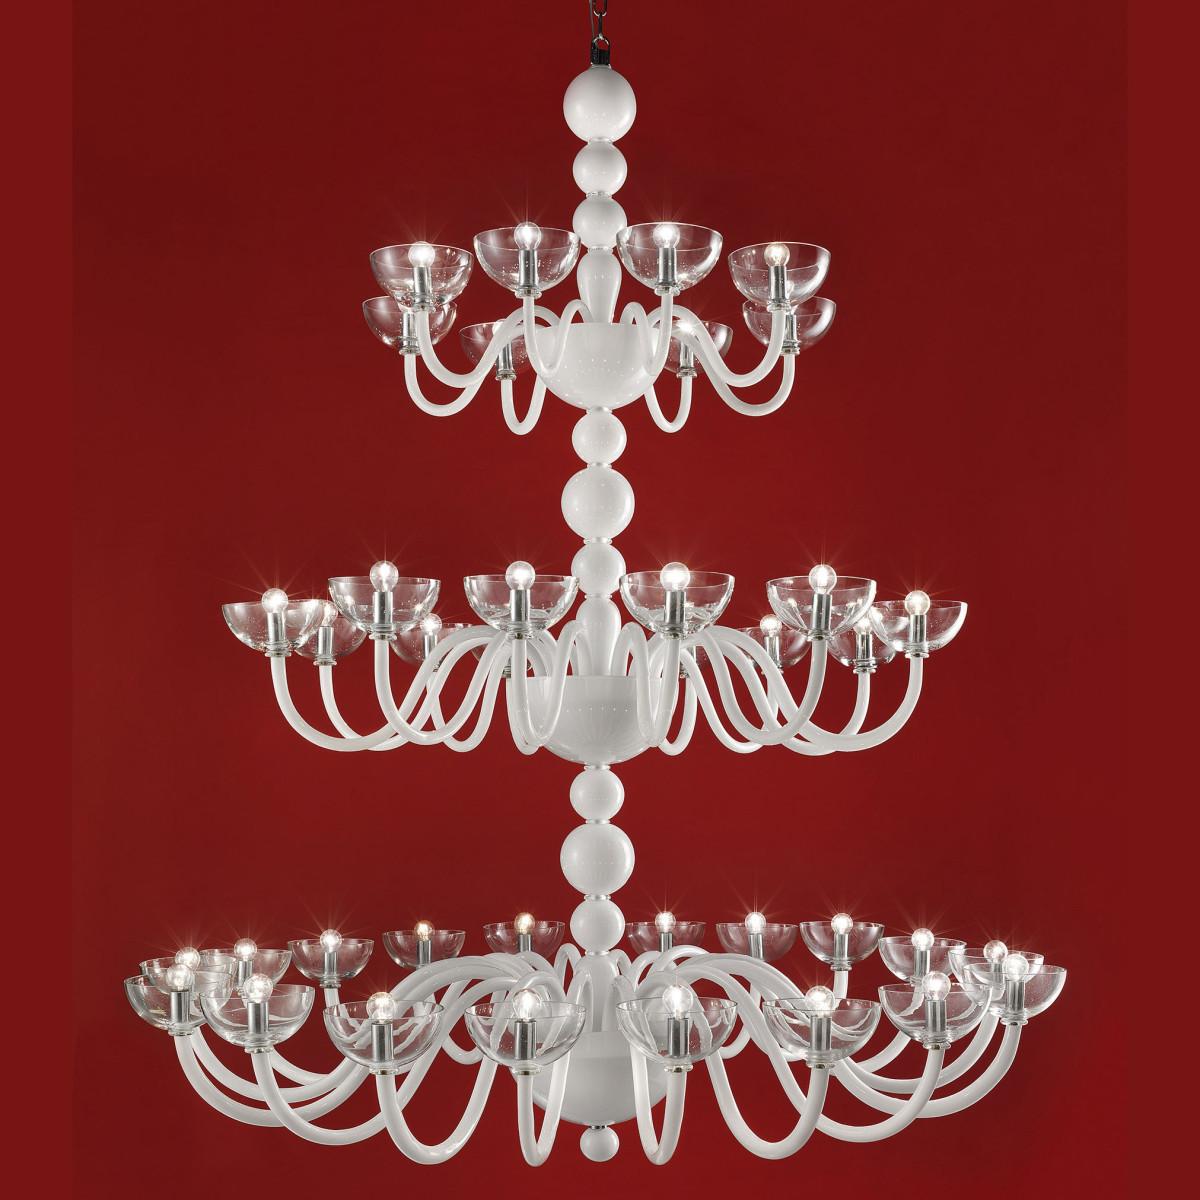 """""""Raffaello"""" lampara de cristal de Murano a tres niveles - 38 luces - blanca"""